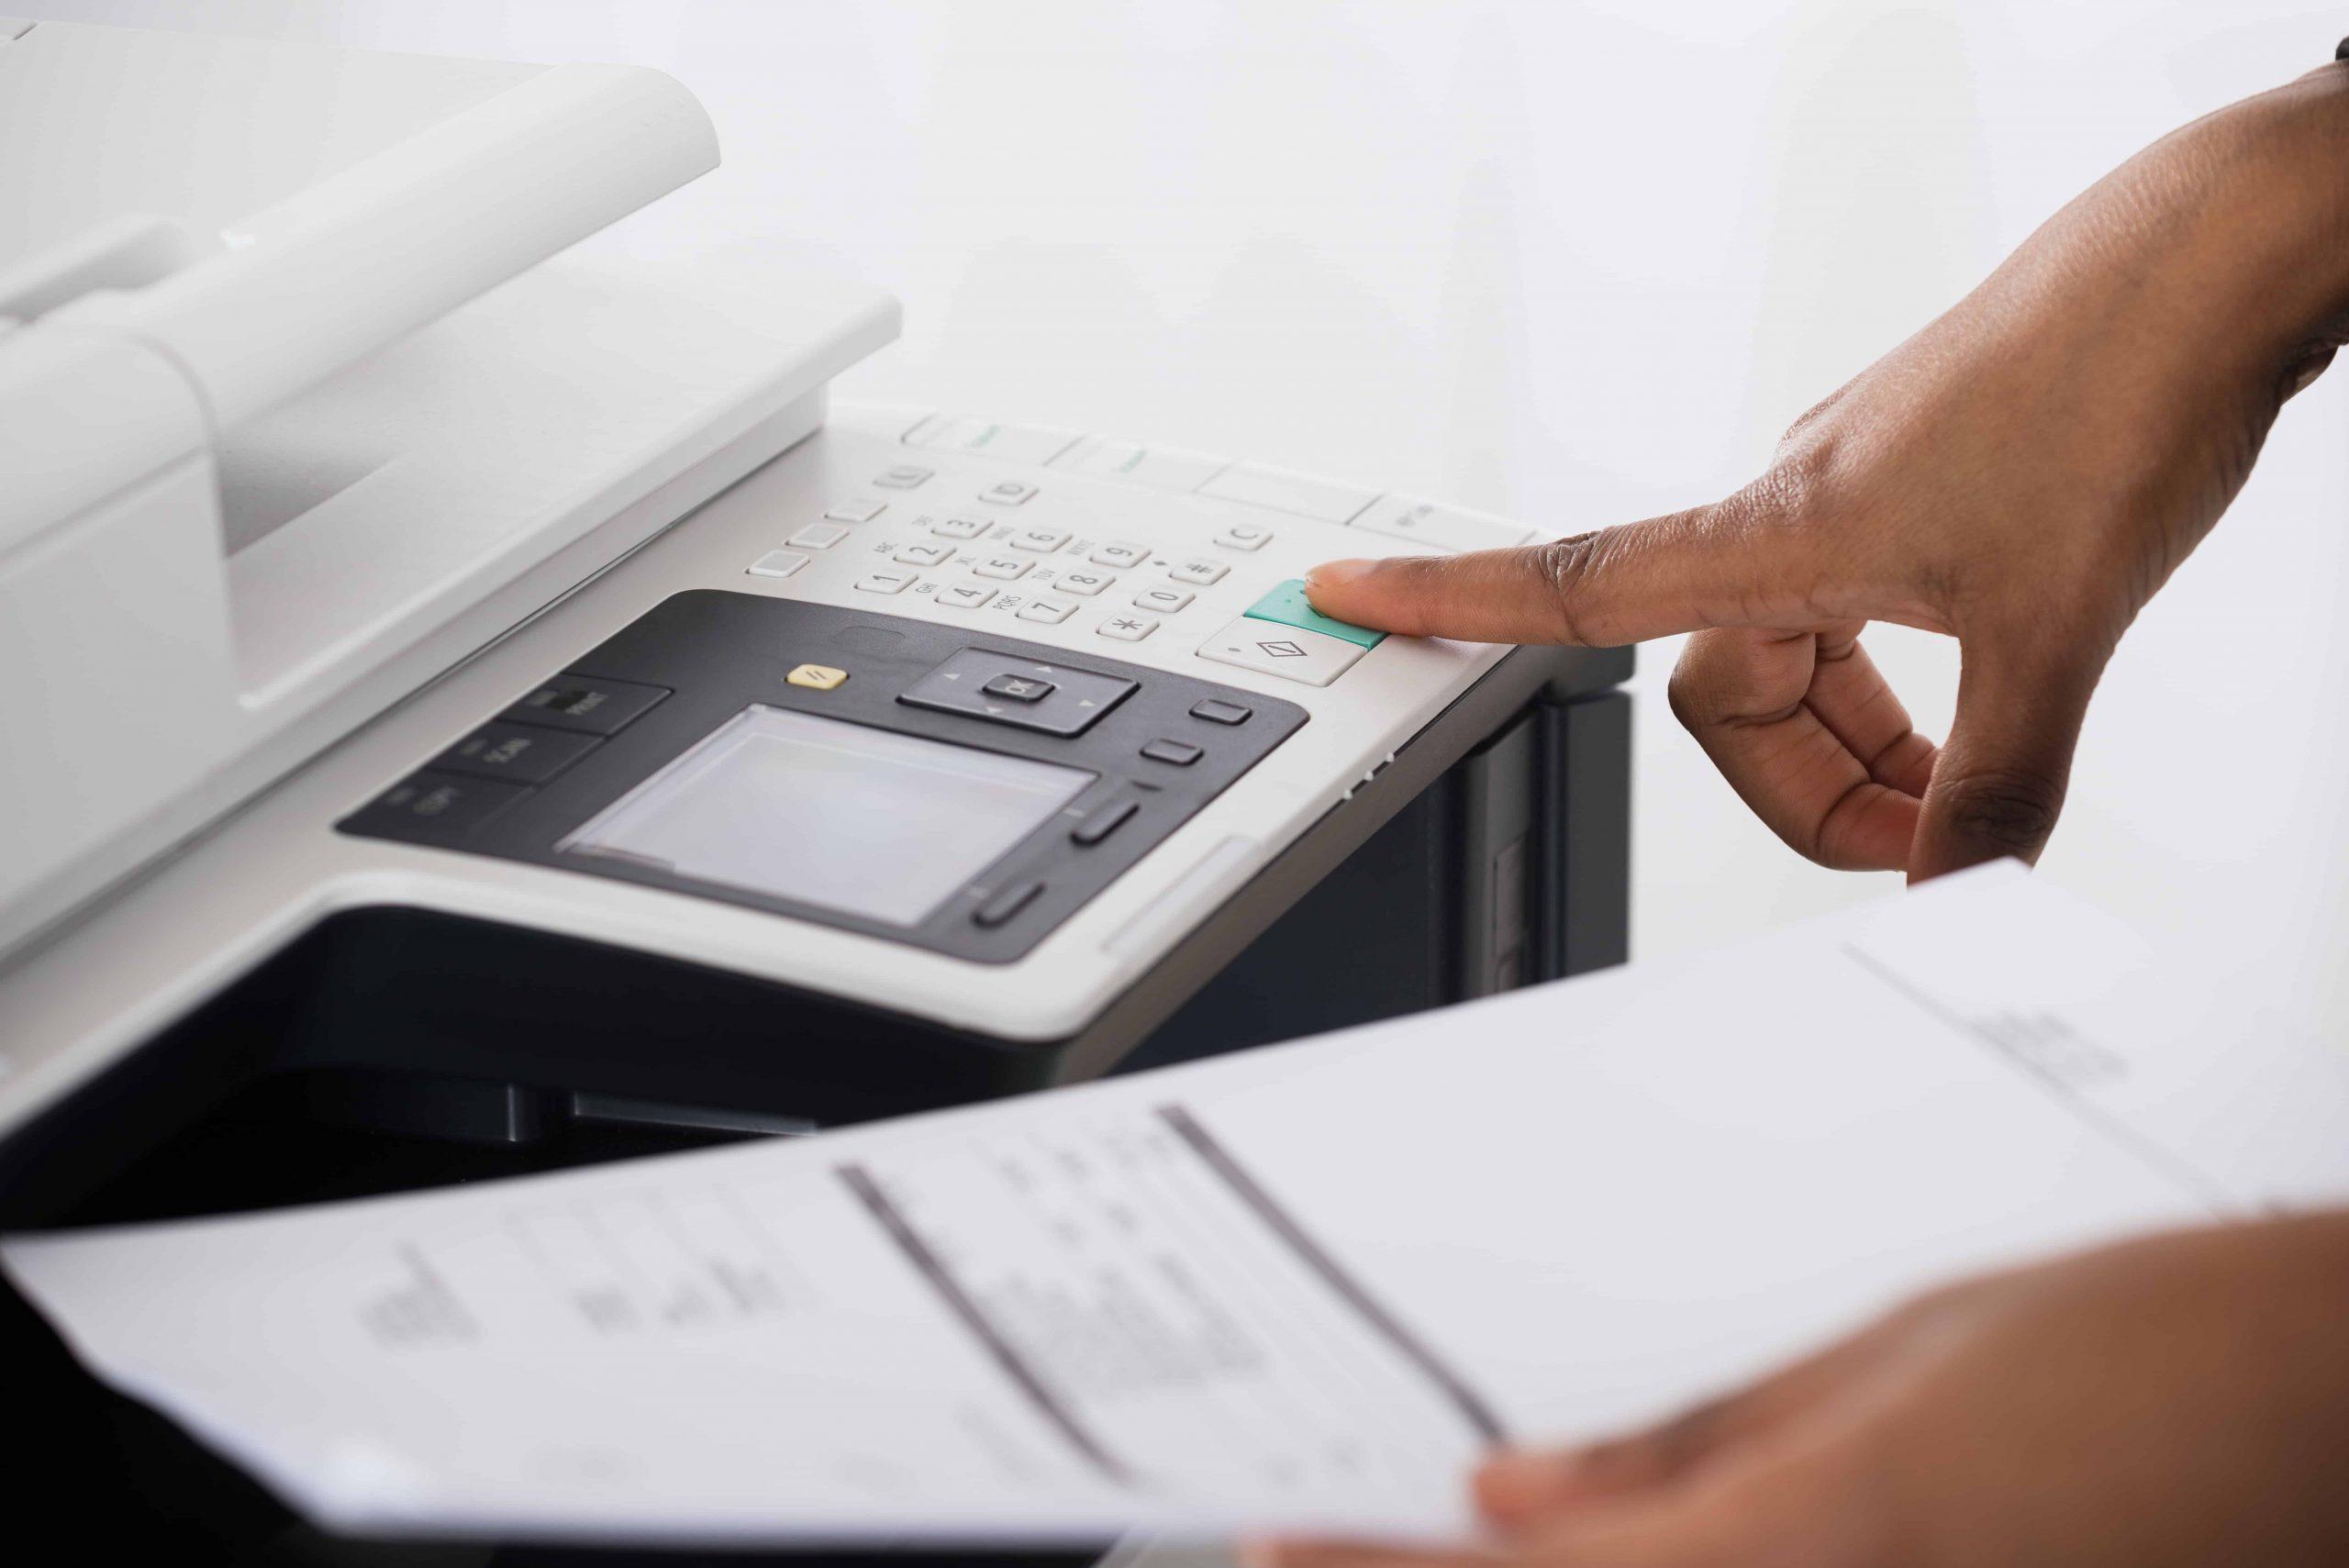 Laserdrucker: Test & Empfehlungen (04/21)